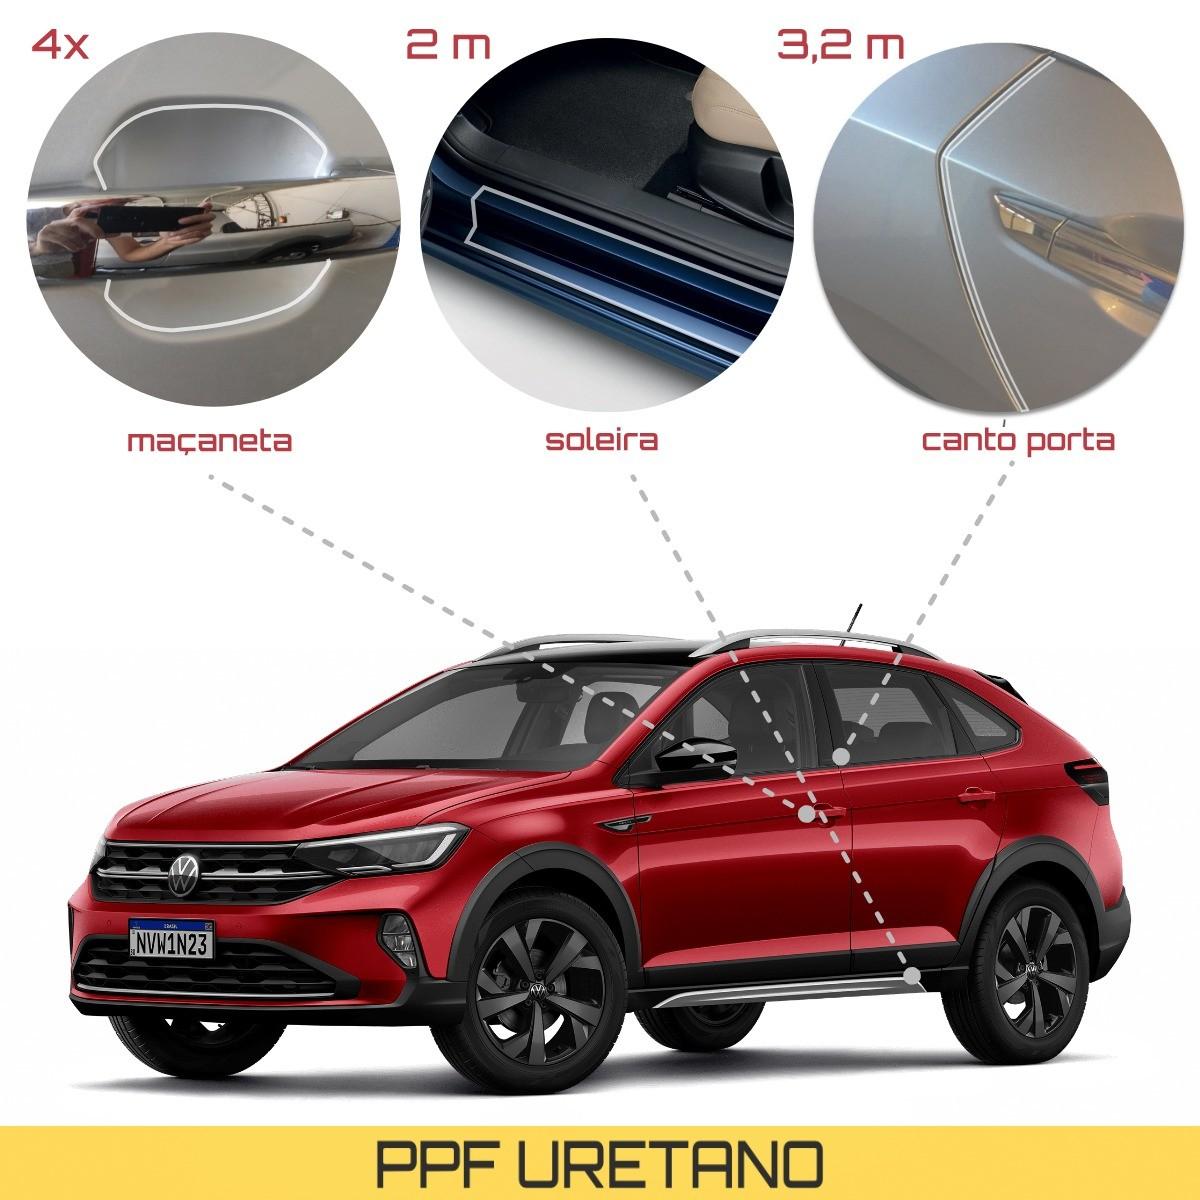 Kit Pelicula Proteção Maçaneta + Soleira + Canto Porta VW Nivus - Antichip